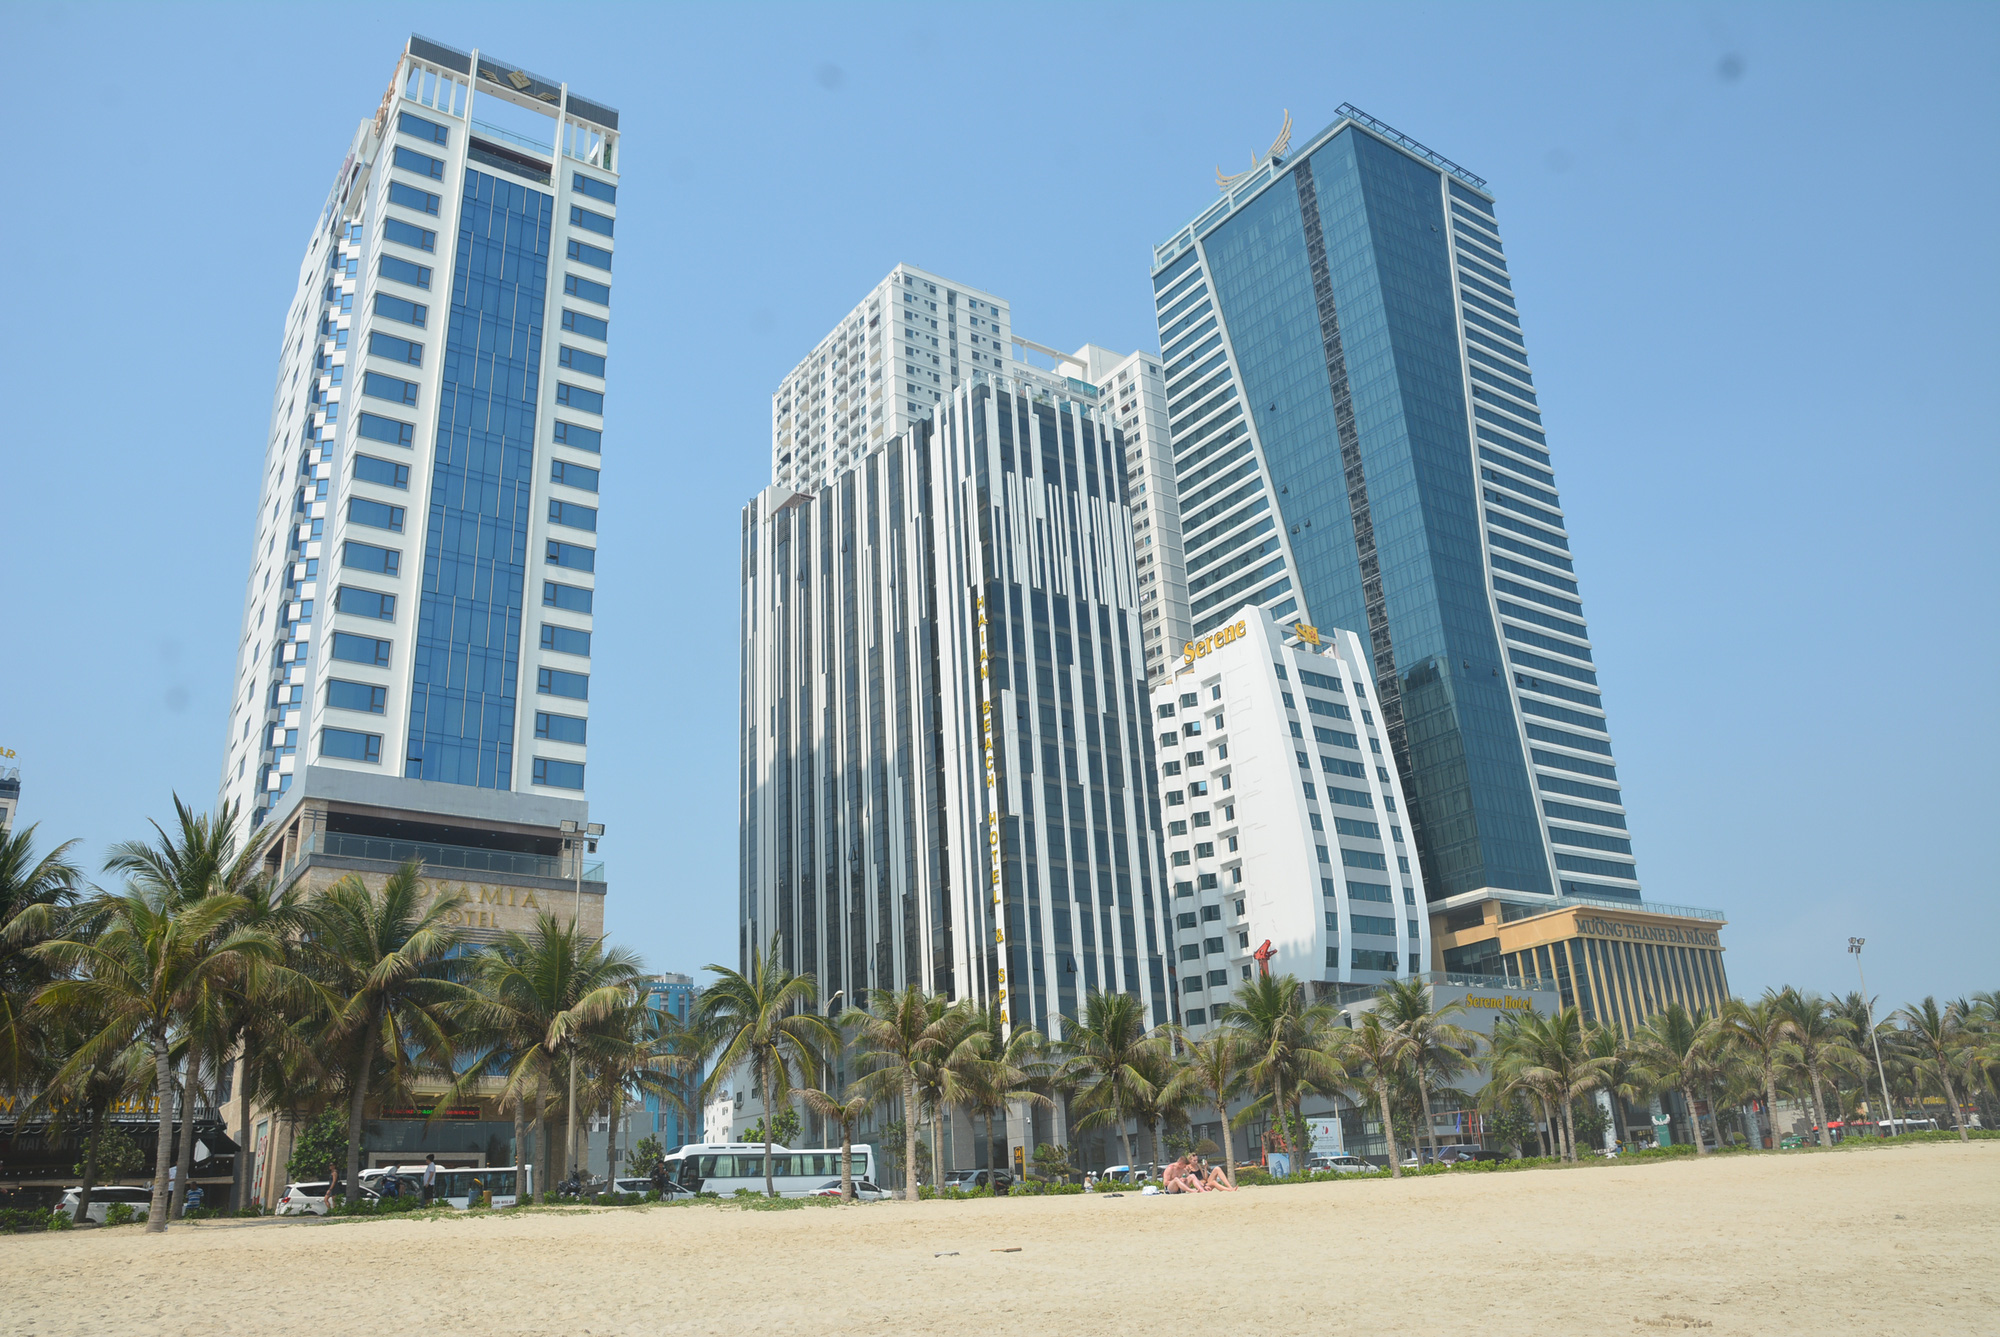 Cơ sở lưu trú ở Huế, Đà Nẵng và Quảng Nam tạm dừng đón khách - Ảnh 1.